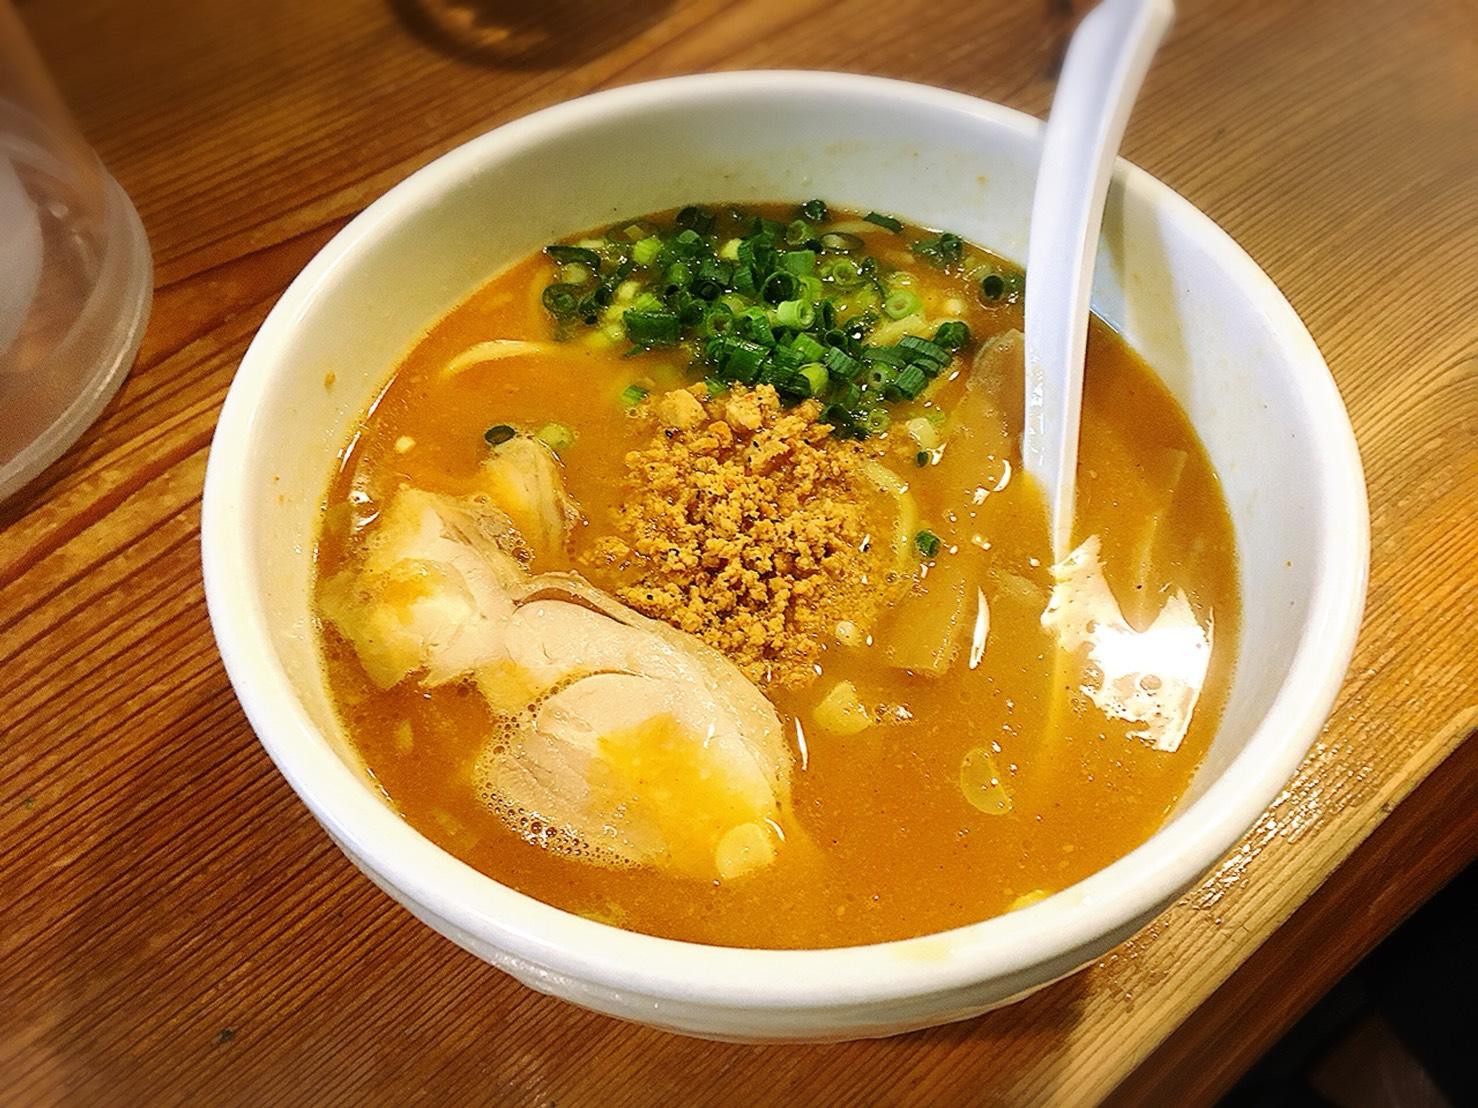 池袋で人気の濃厚鶏白湯ラーメン「鶏の穴」の赤鶏ラーメン